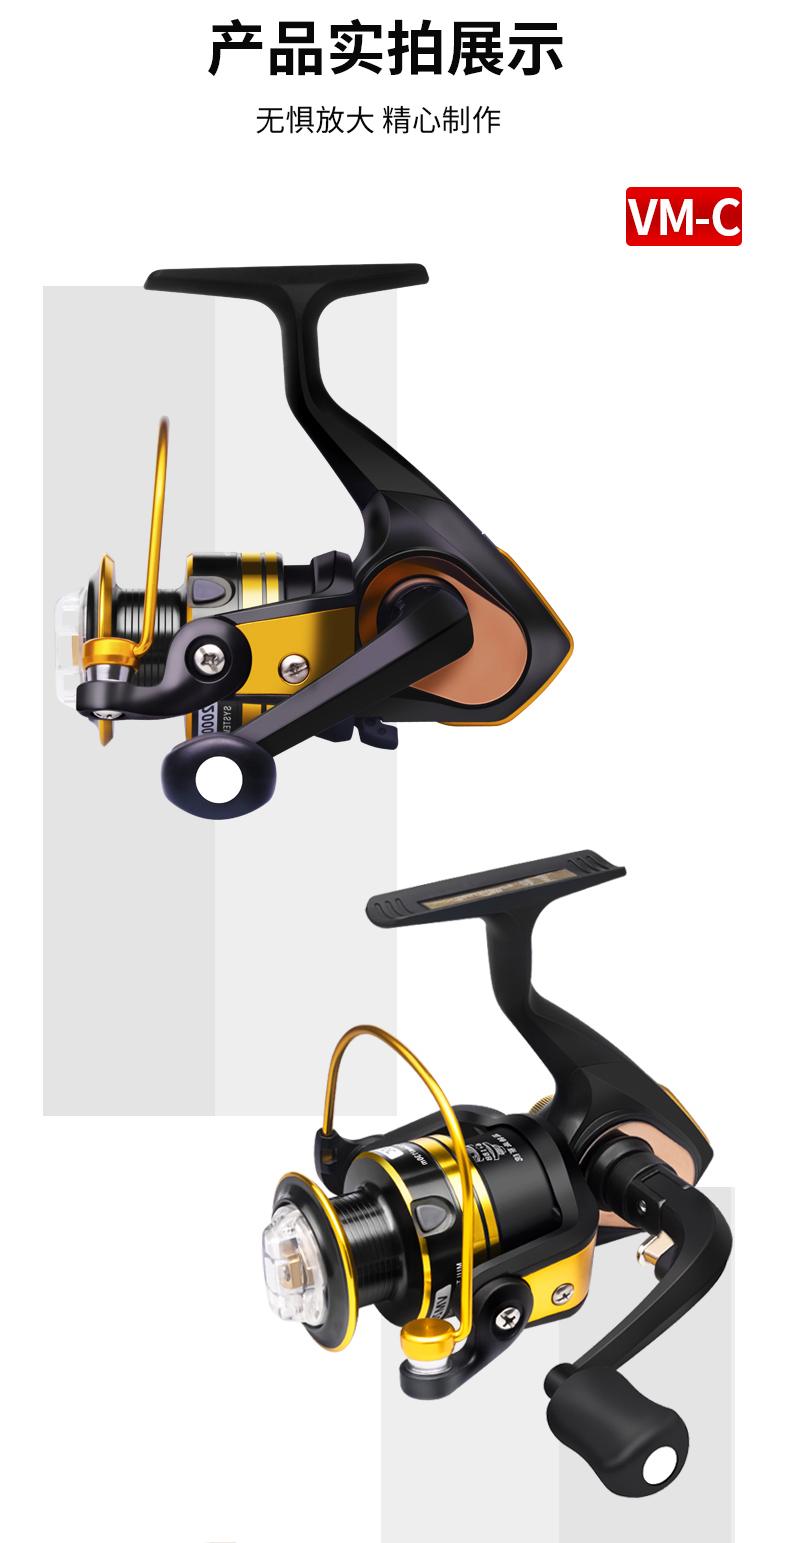 德岛渔轮捲线器全金属鱼轮不锈钢鱼线轮海桿海竿双轴承路亚正品详细照片